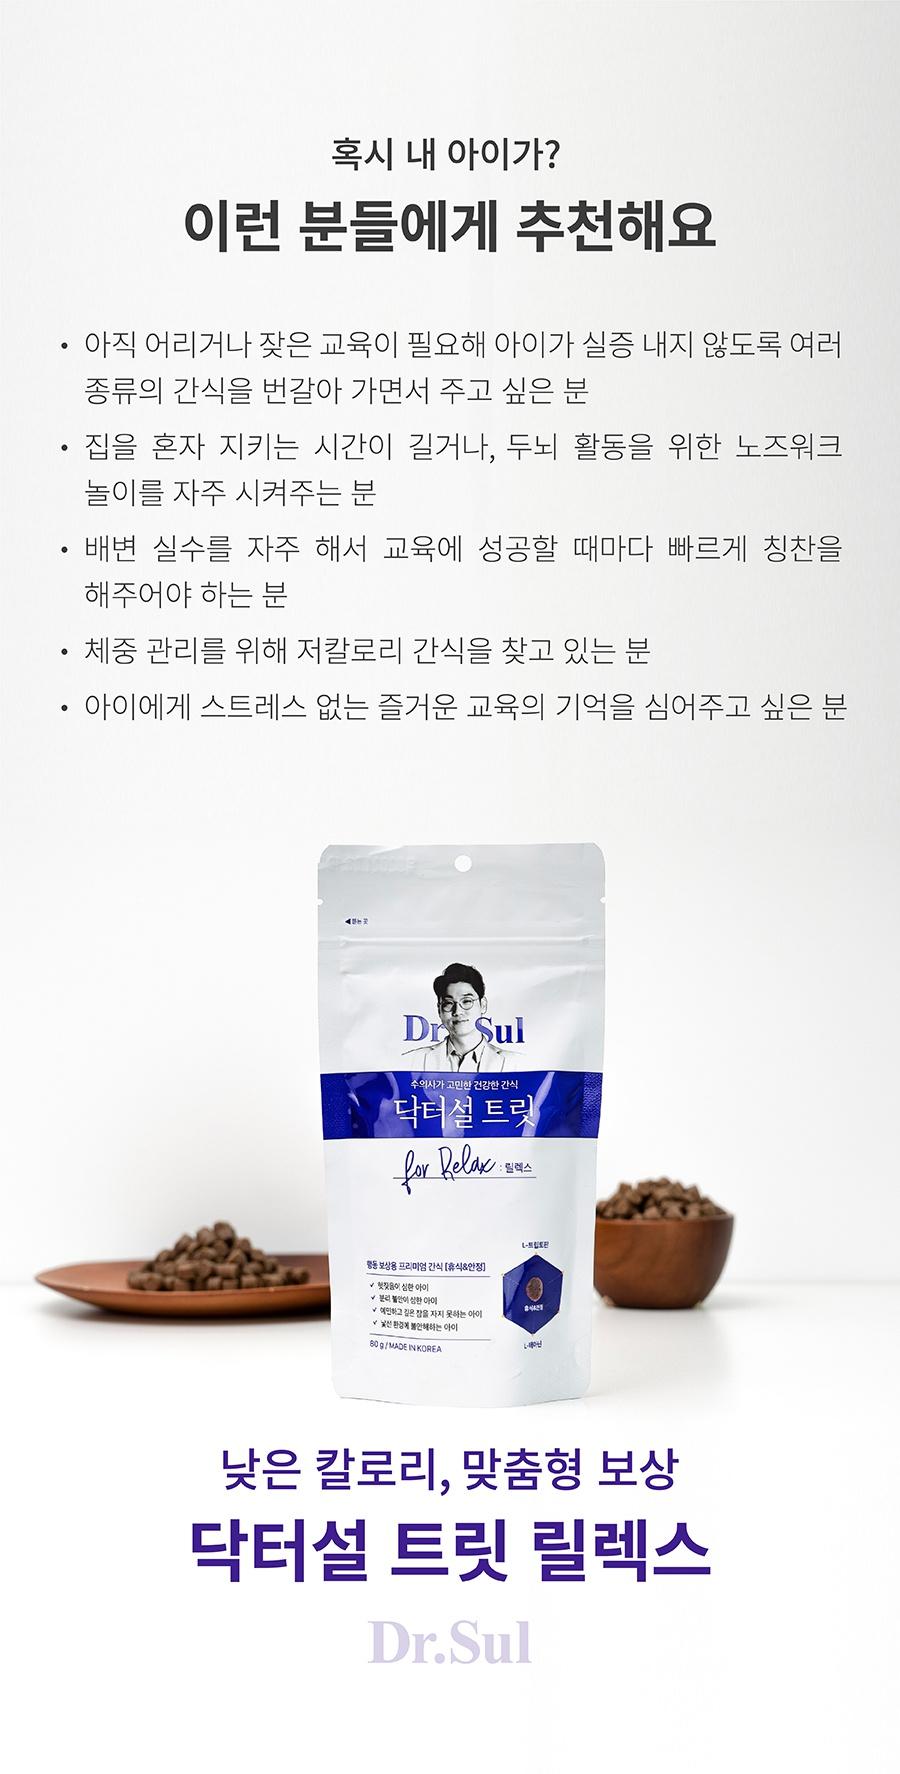 닥터설 트릿 릴렉스 대용량 (80g*6개)-상품이미지-3